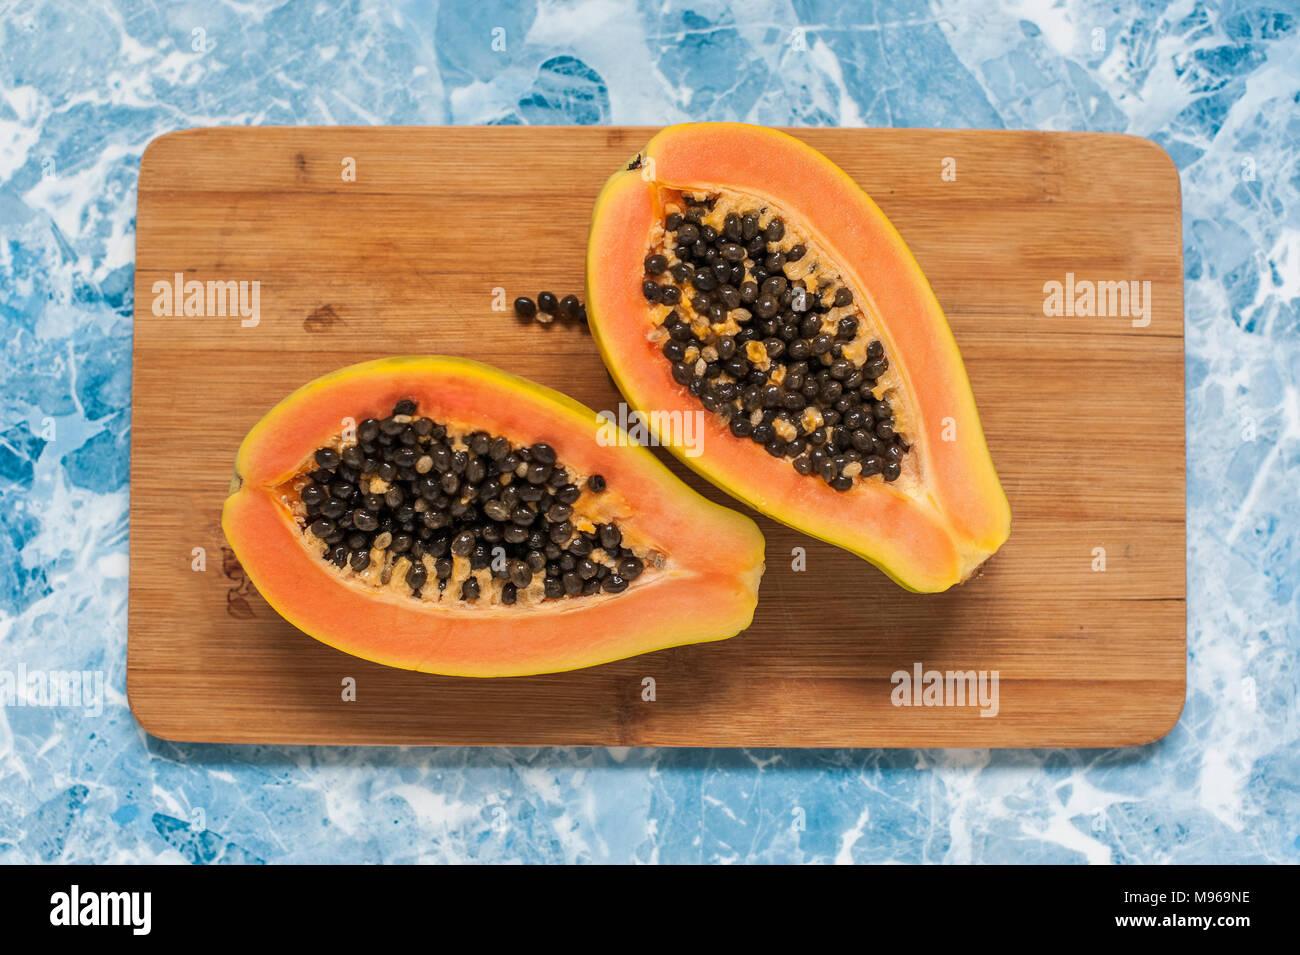 Die Papaya liegt auf einer hölzernen Hintergrund. Die beiden Hälften des exotischen Früchten. Stockbild